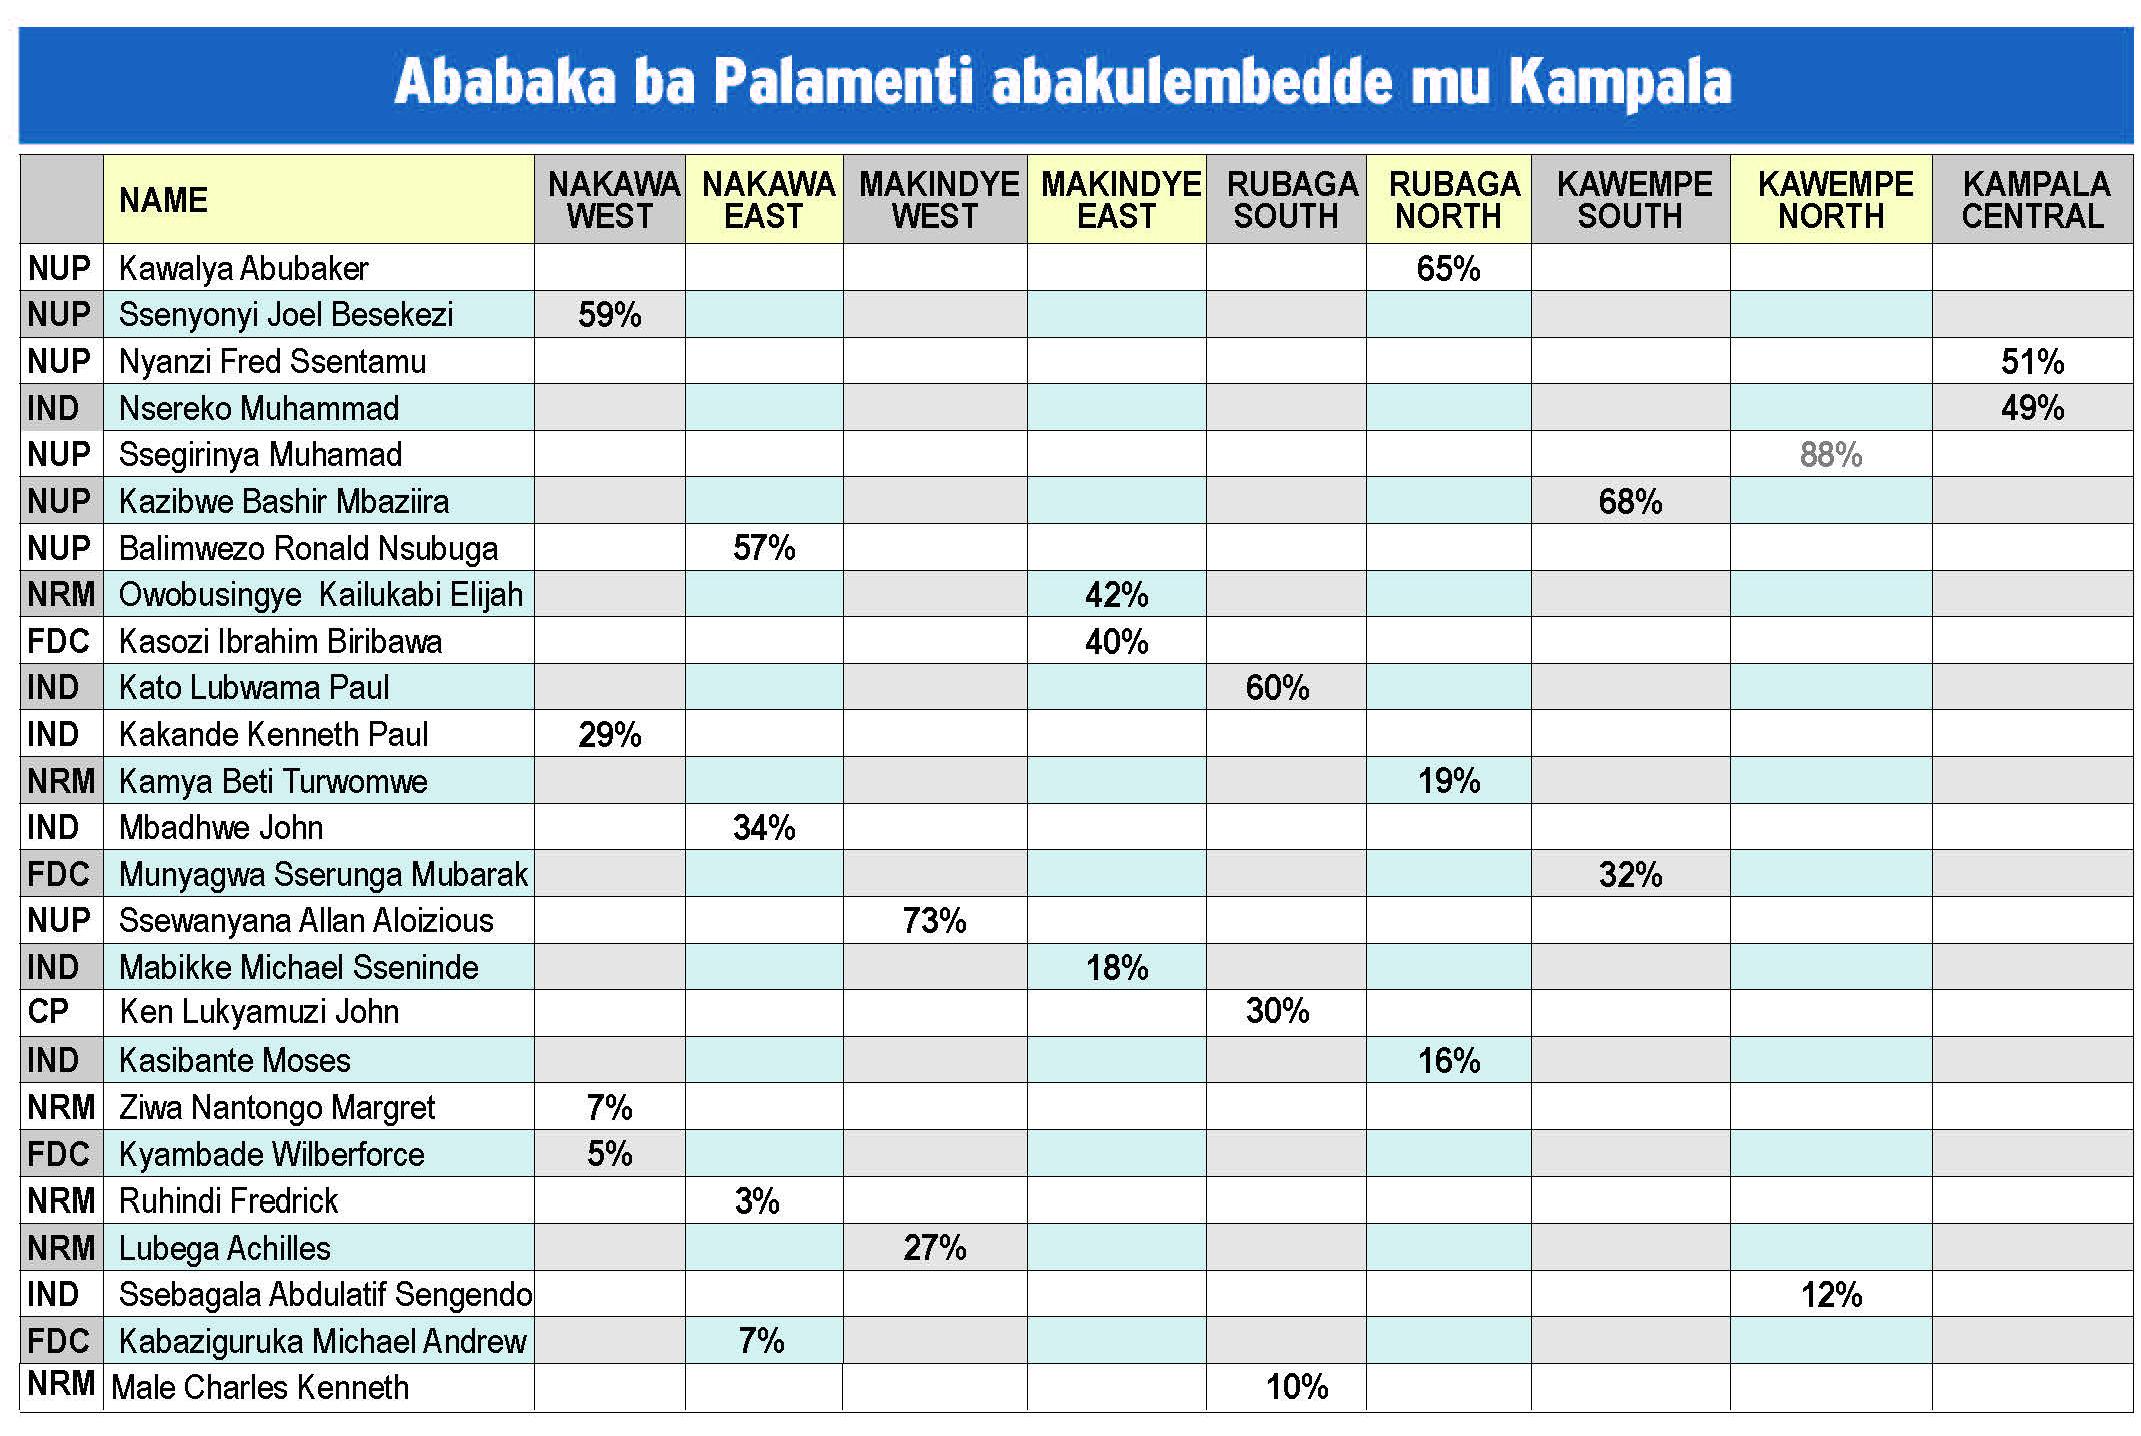 Ababaka Ba Palamenti Abakulembedde Kampala